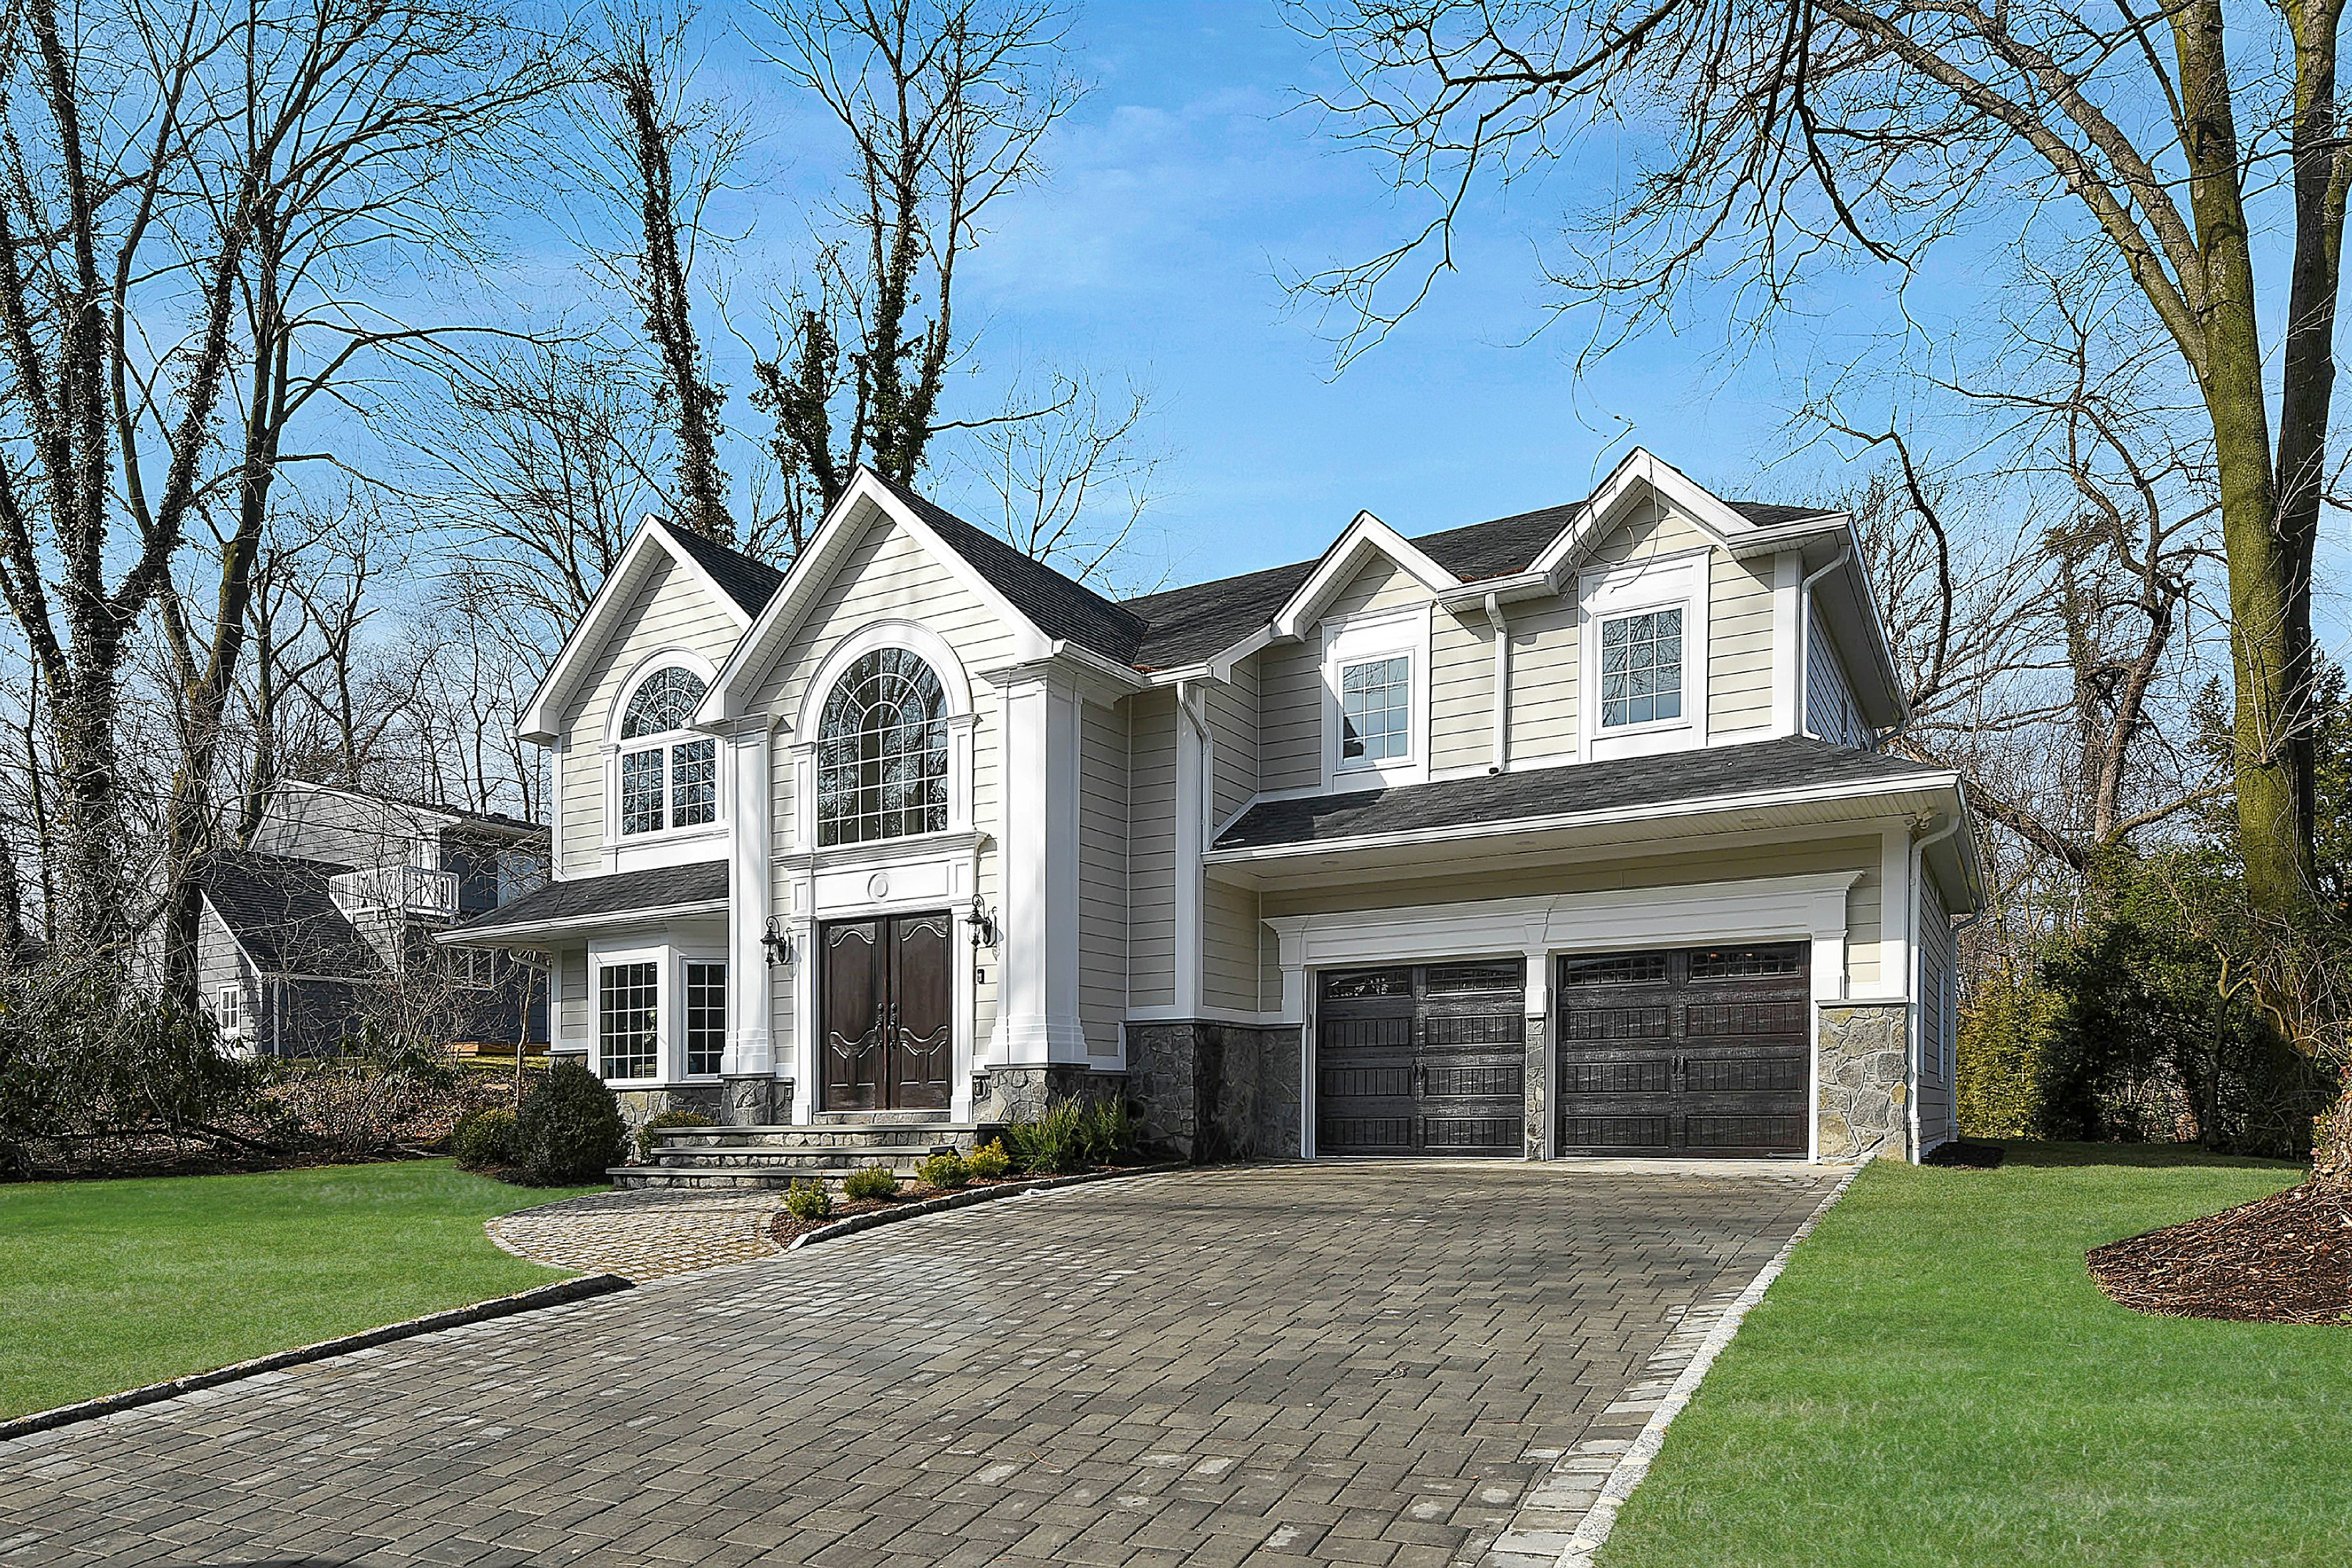 Maison unifamiliale pour l Vente à New Construction in Tenafly 7 Knoll Road Tenafly, New Jersey 07670 États-Unis